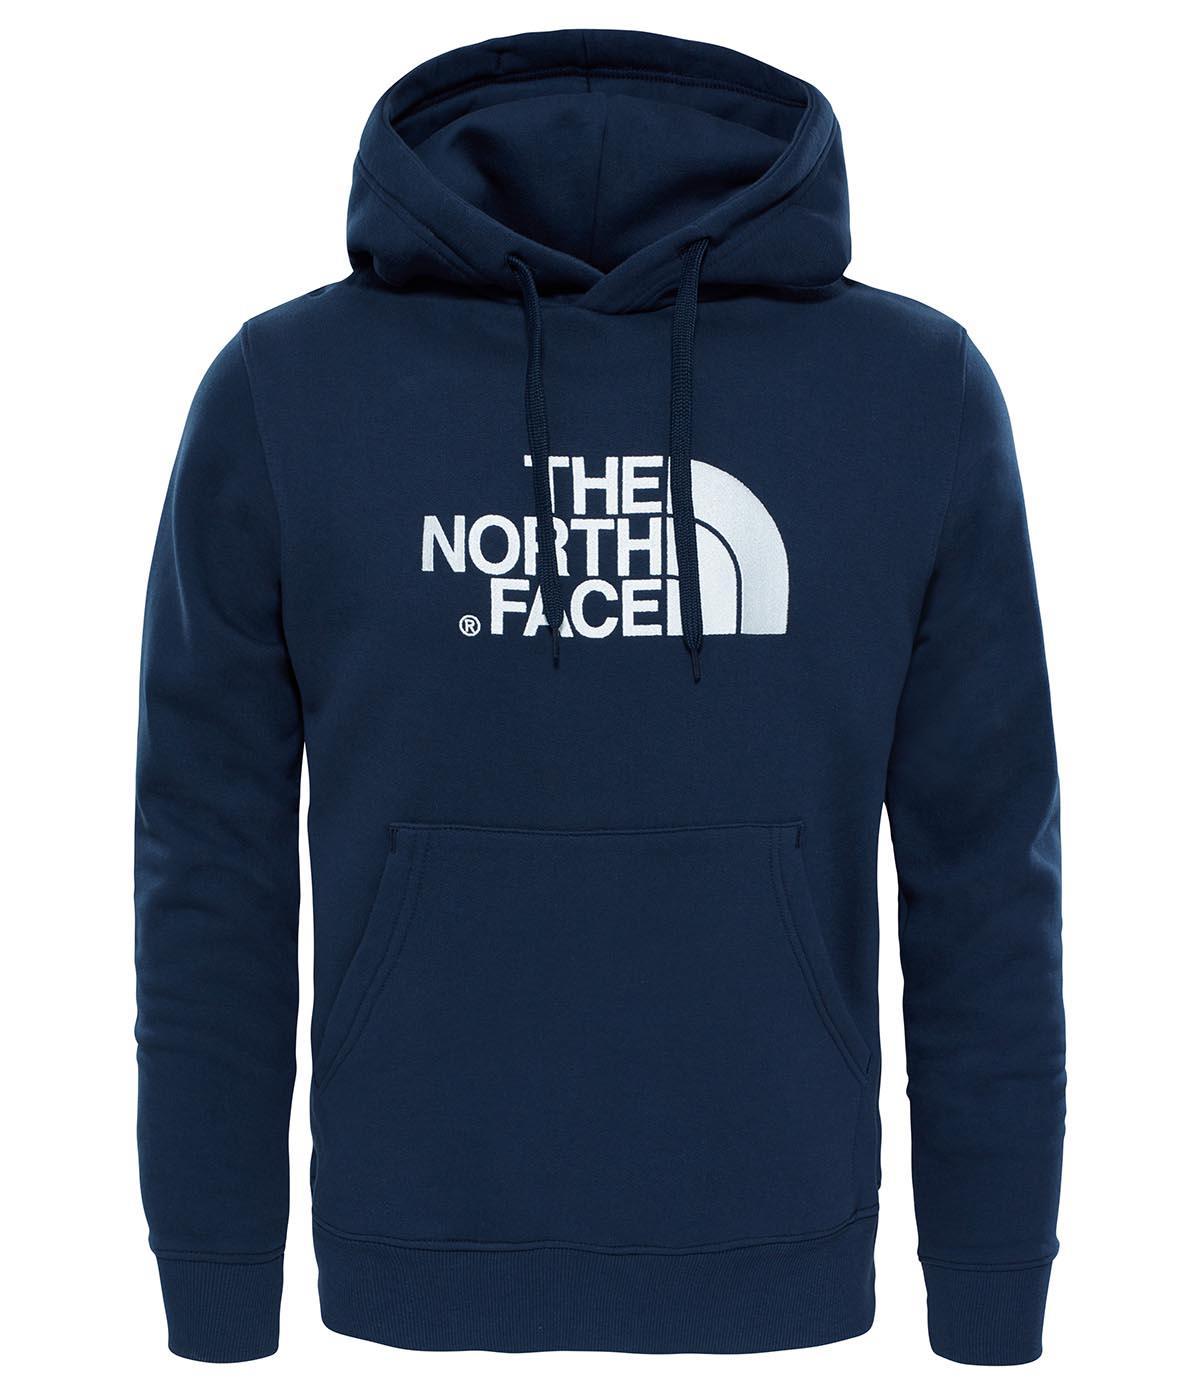 The Northface Erkek DREW PEAKSwetshirt HOODIE NF00AHJYM6S1